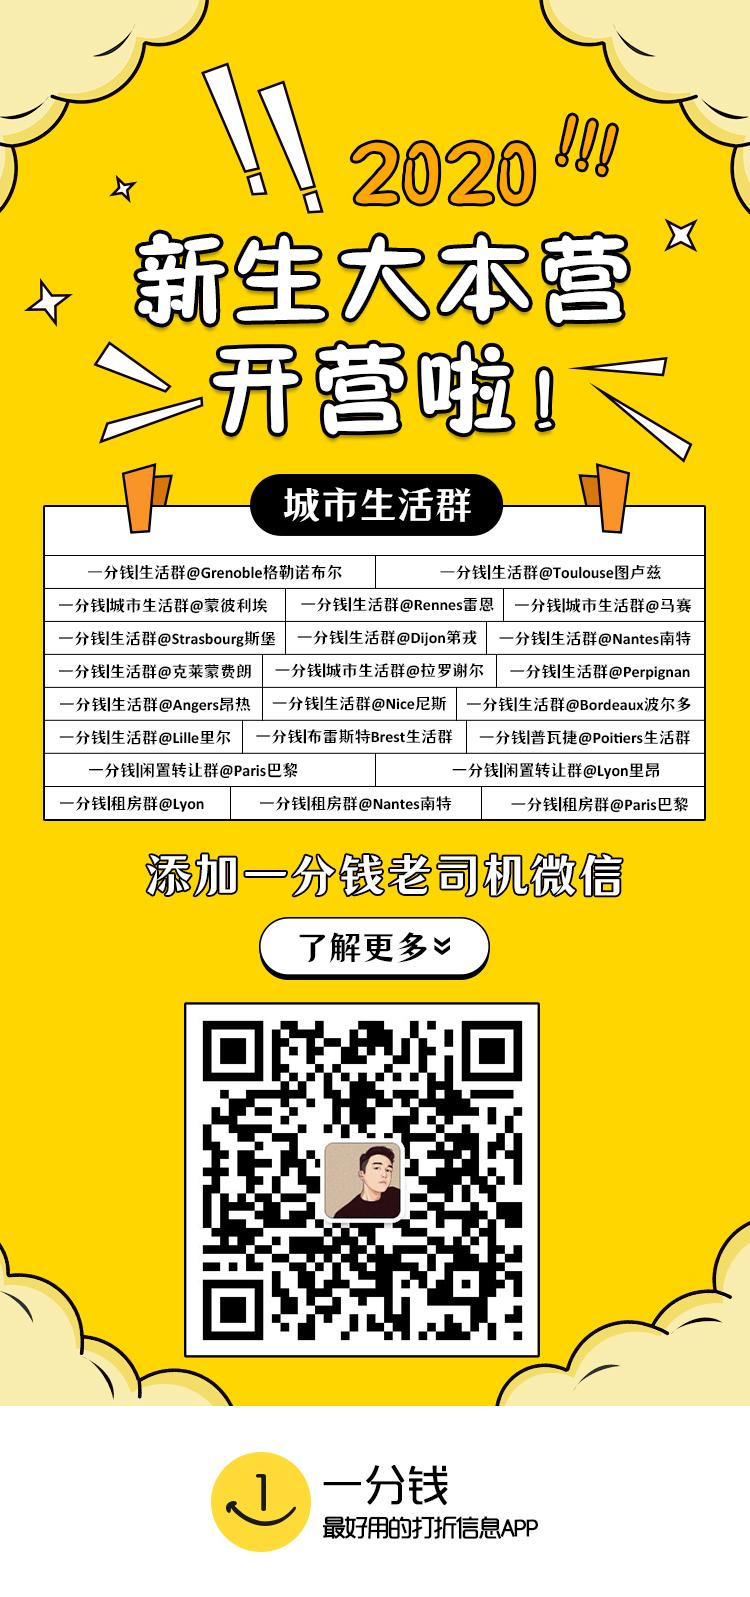 【开奖】2020新生看这里!!💰200欧前辈分享津贴💰花落谁家!